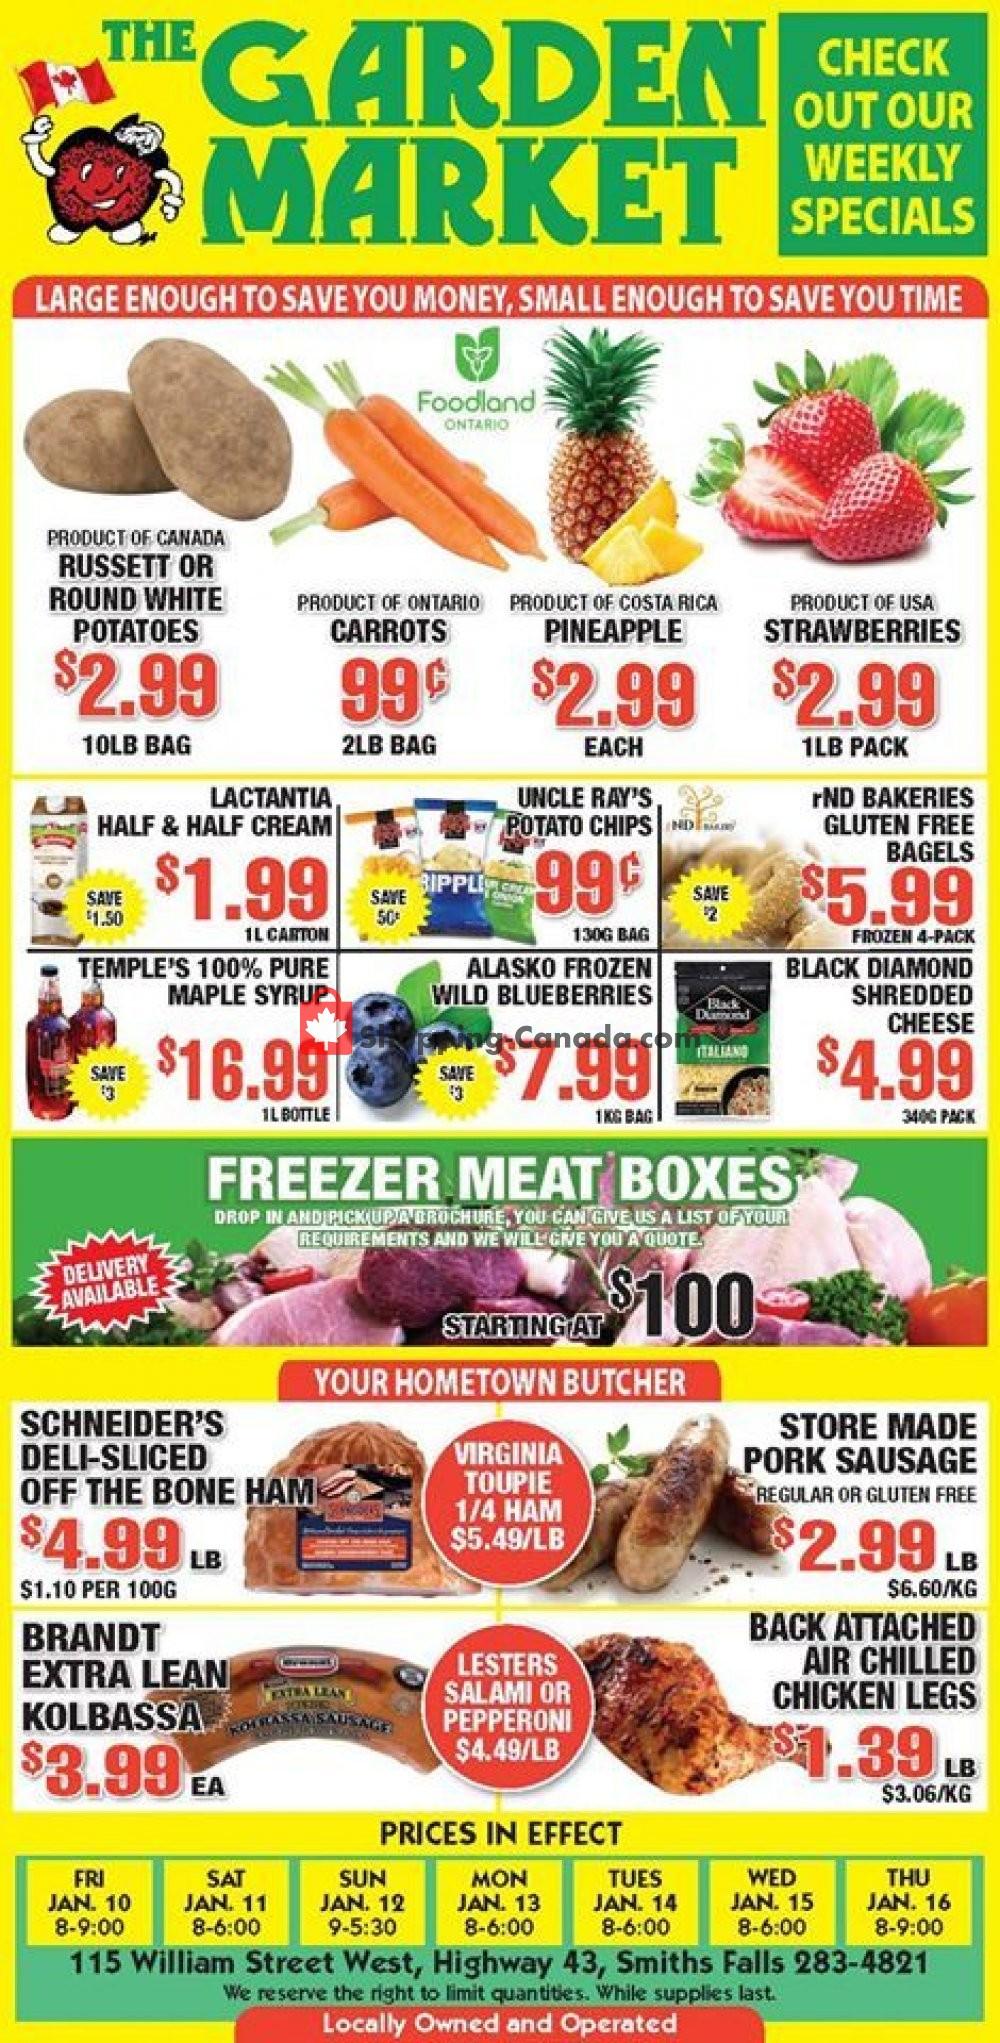 Flyer The Garden Market Canada - from Friday January 10, 2020 to Thursday January 16, 2020